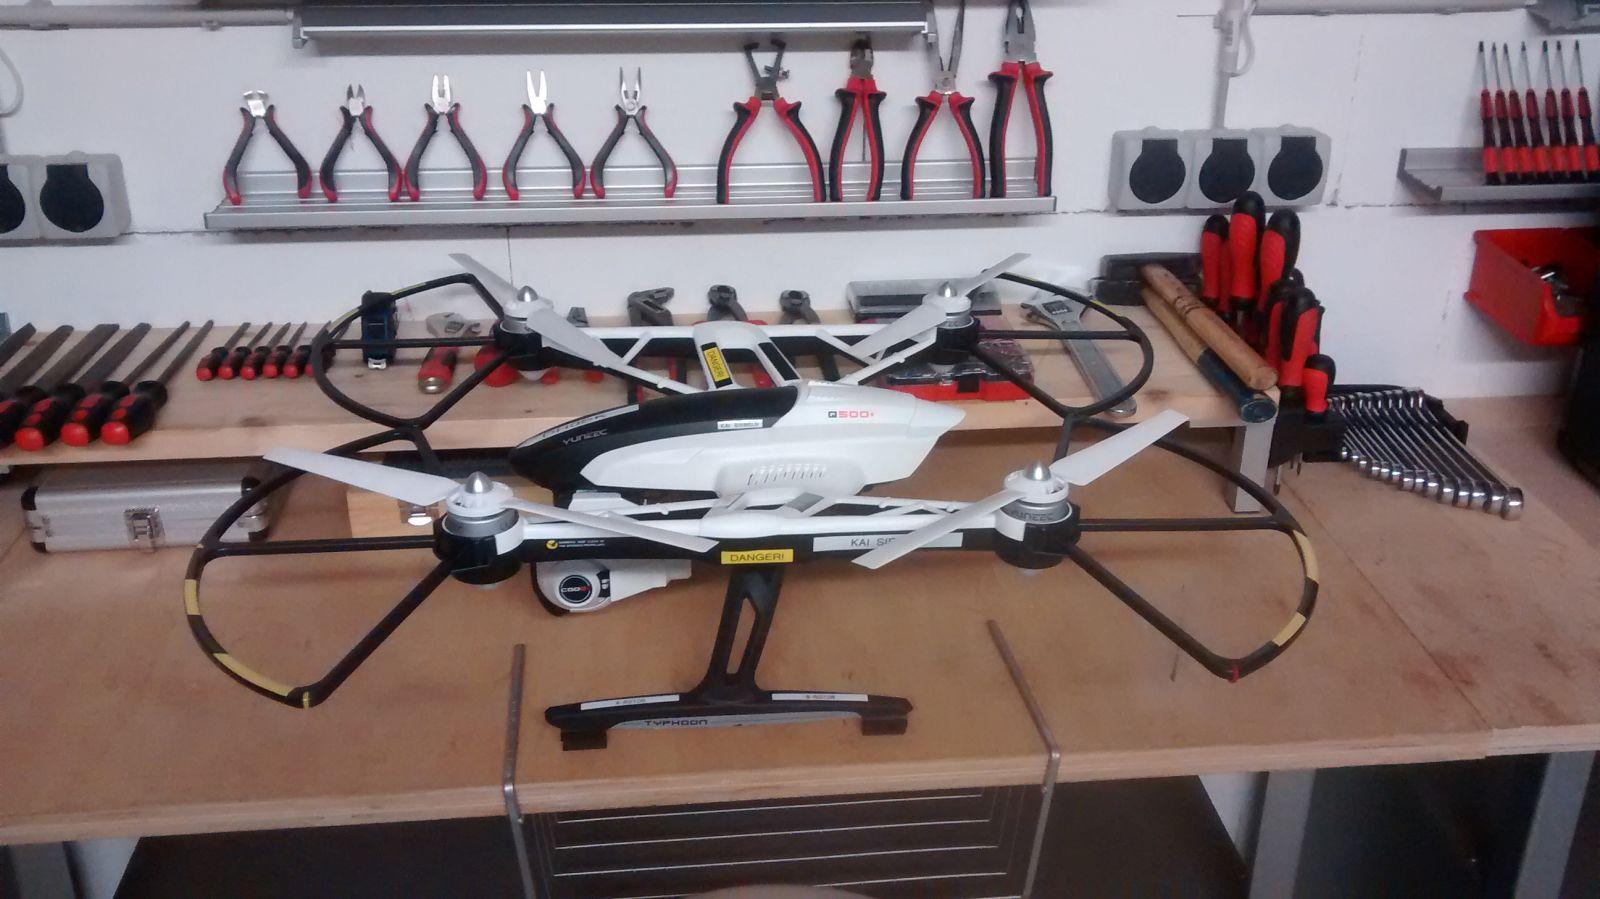 Drone_1